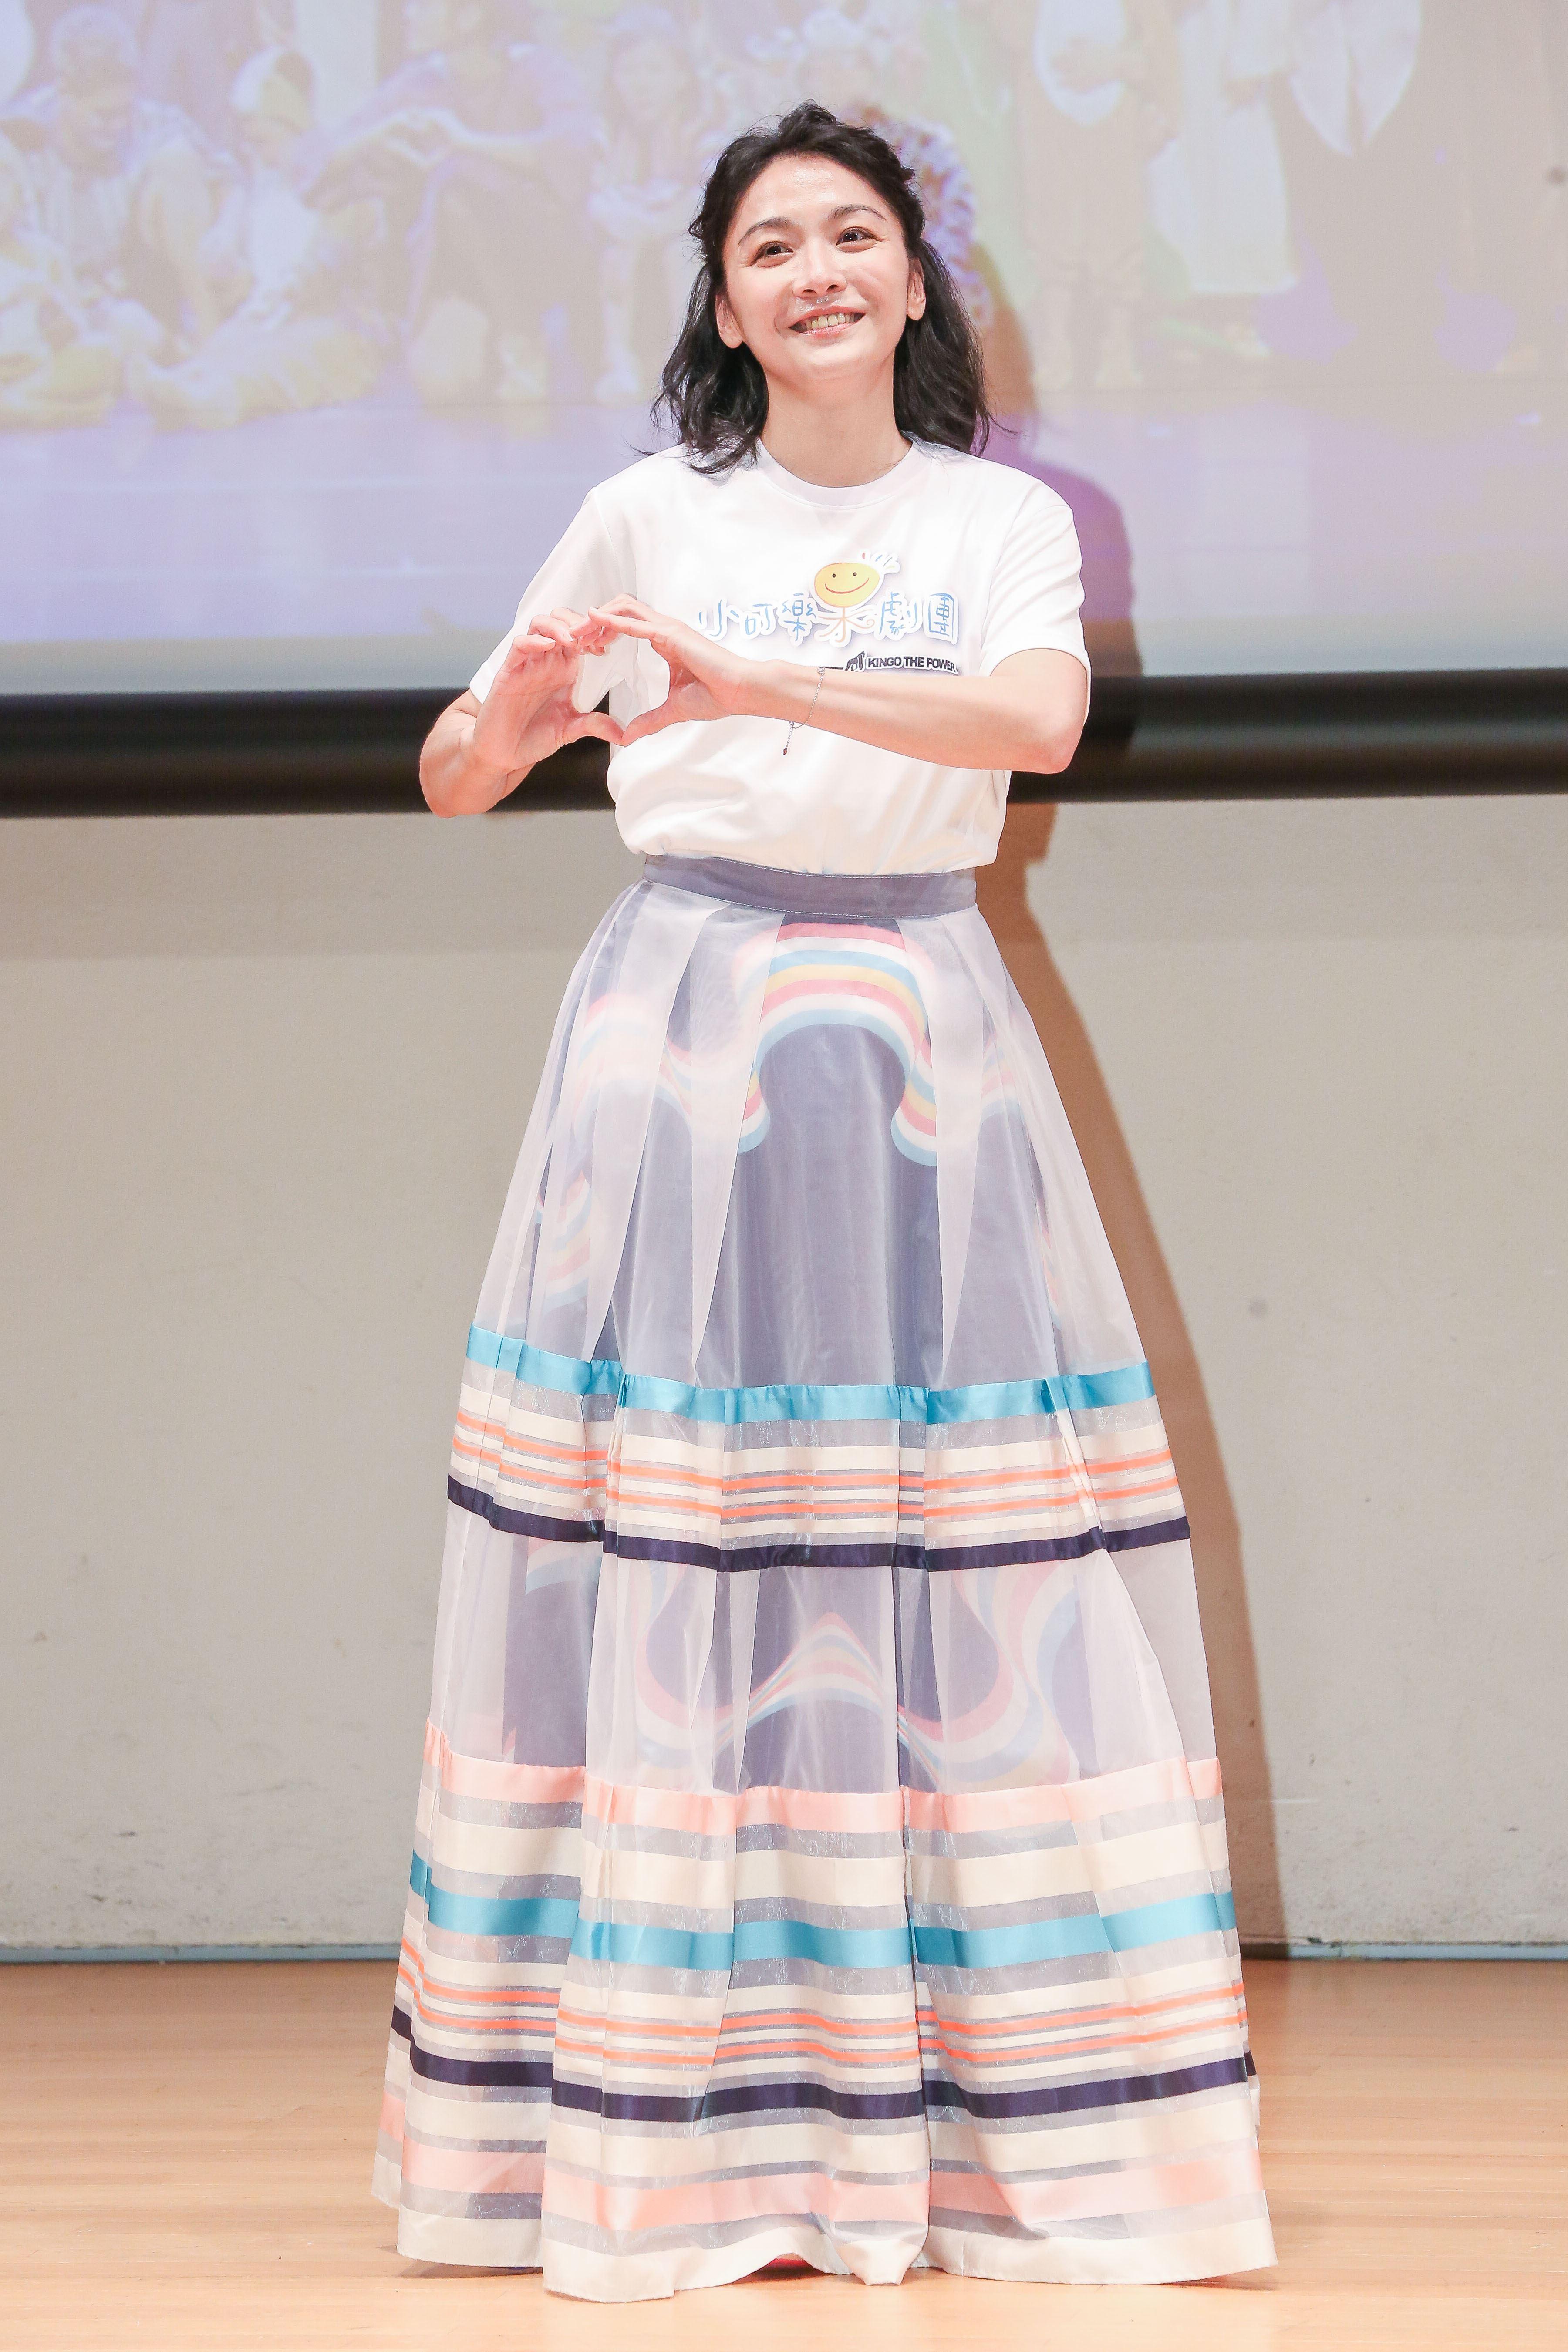 小可樂果為愛發聲感恩音樂會藝人江祖平。(記者林士傑/攝影)